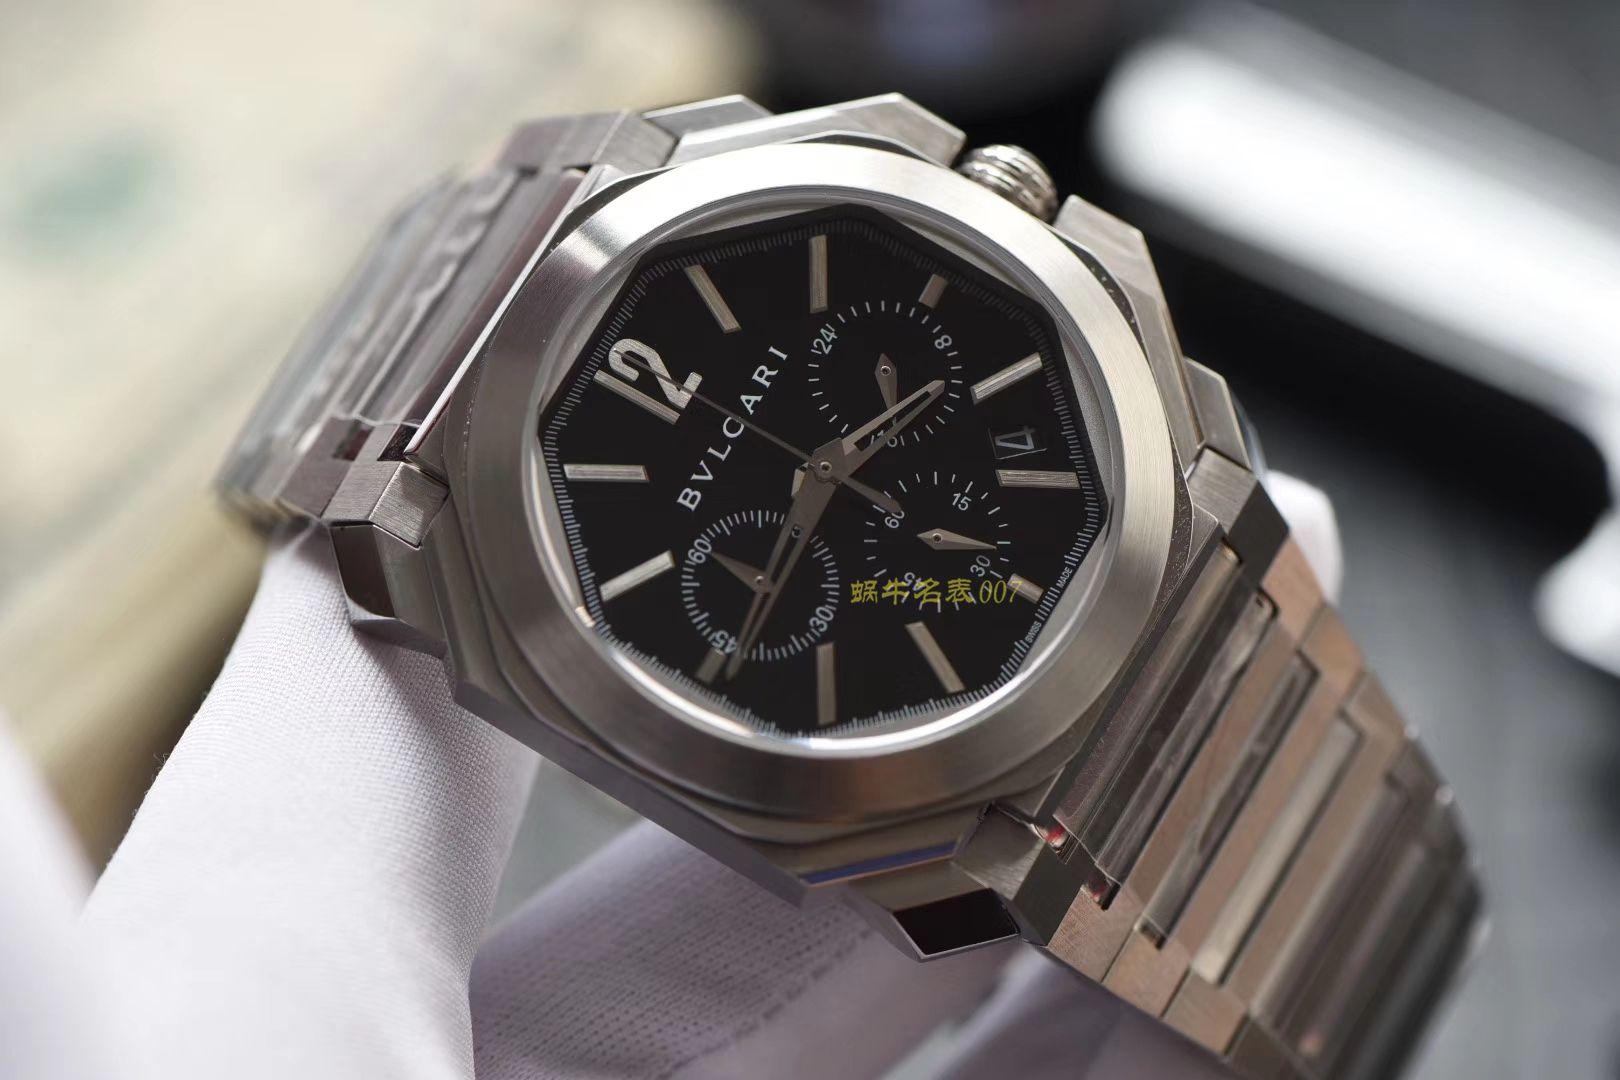 宝格丽OCTO系列102116 BGO41BSSDCH腕表【台湾厂一比一精仿手表】 / BG028